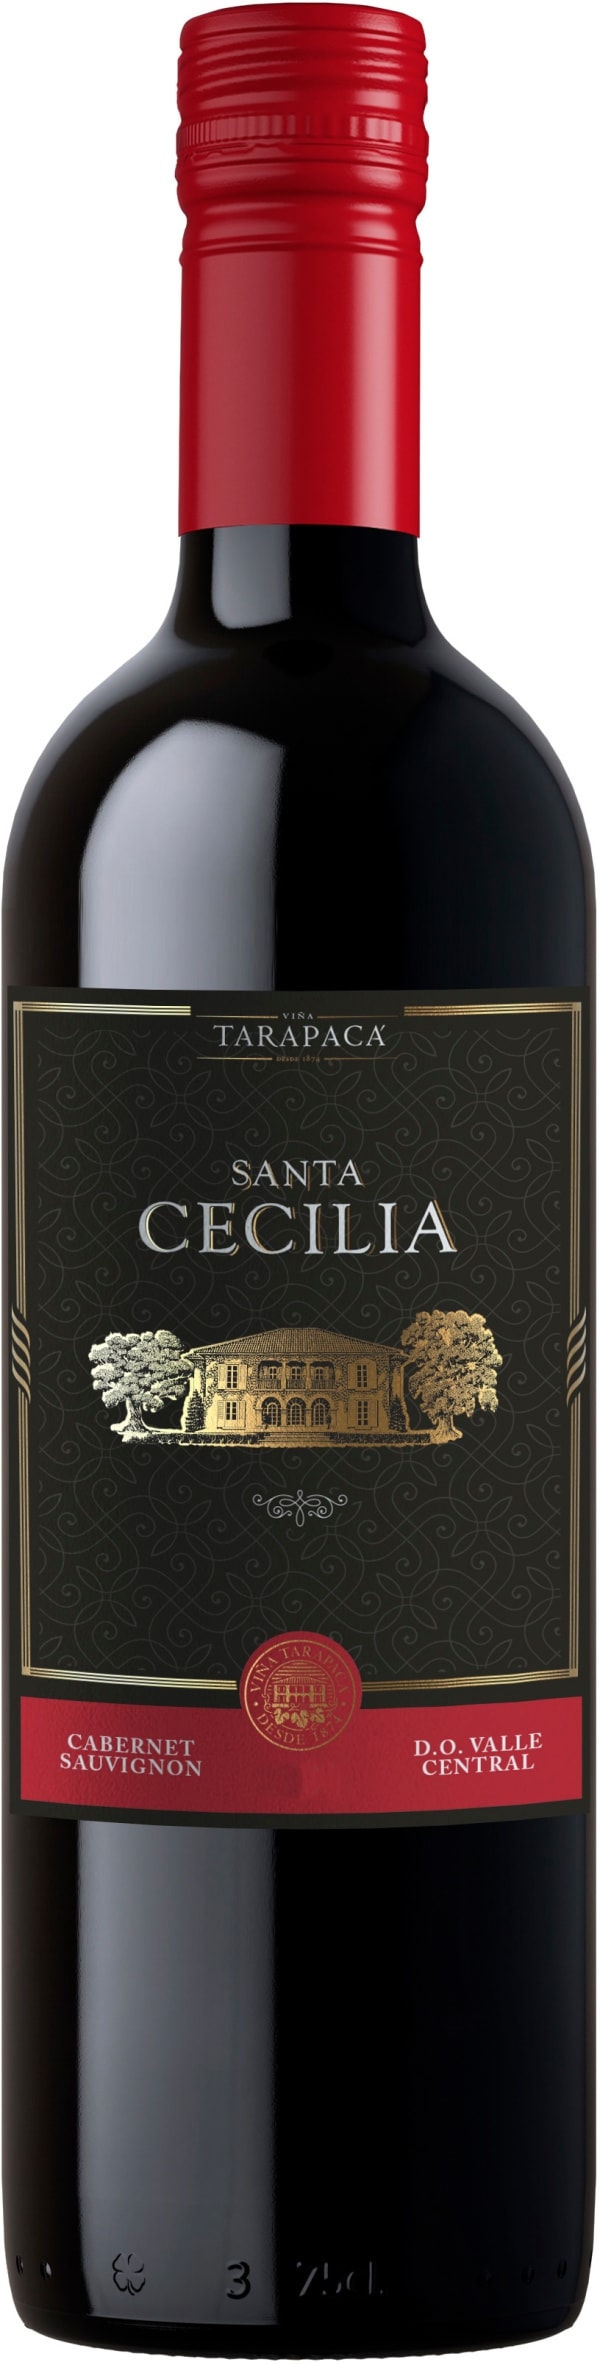 Tarapacá Santa Cecilia Cabernet Sauvignon 2020